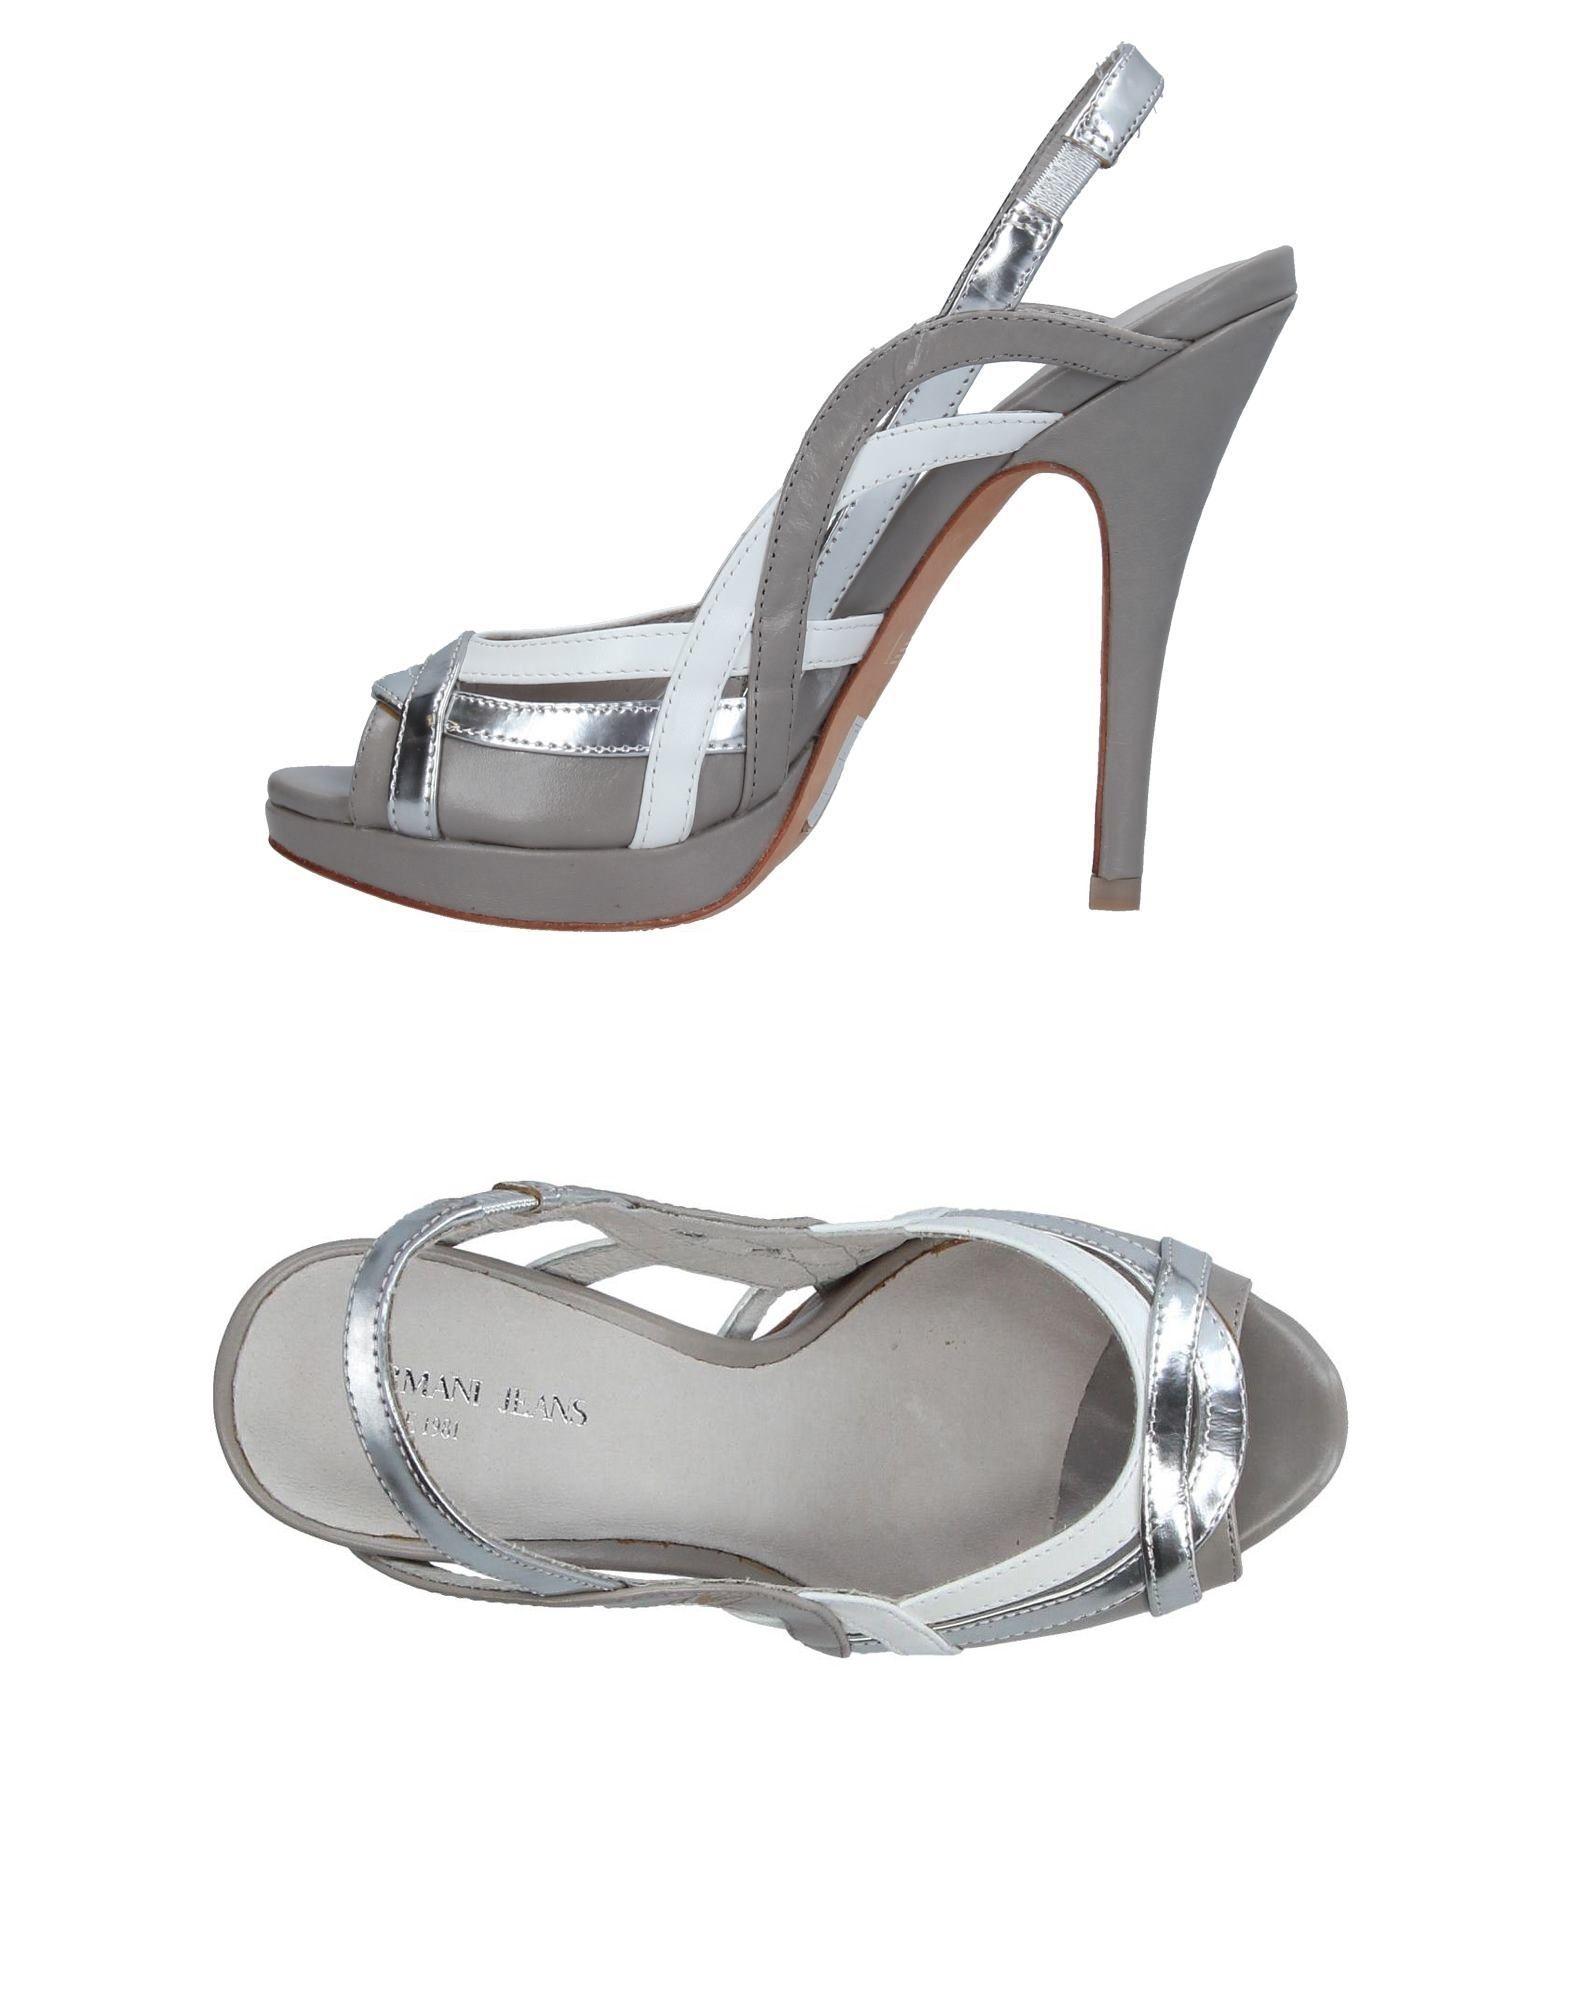 Sandales Armani Jeans Femme - Sandales Armani Jeans sur